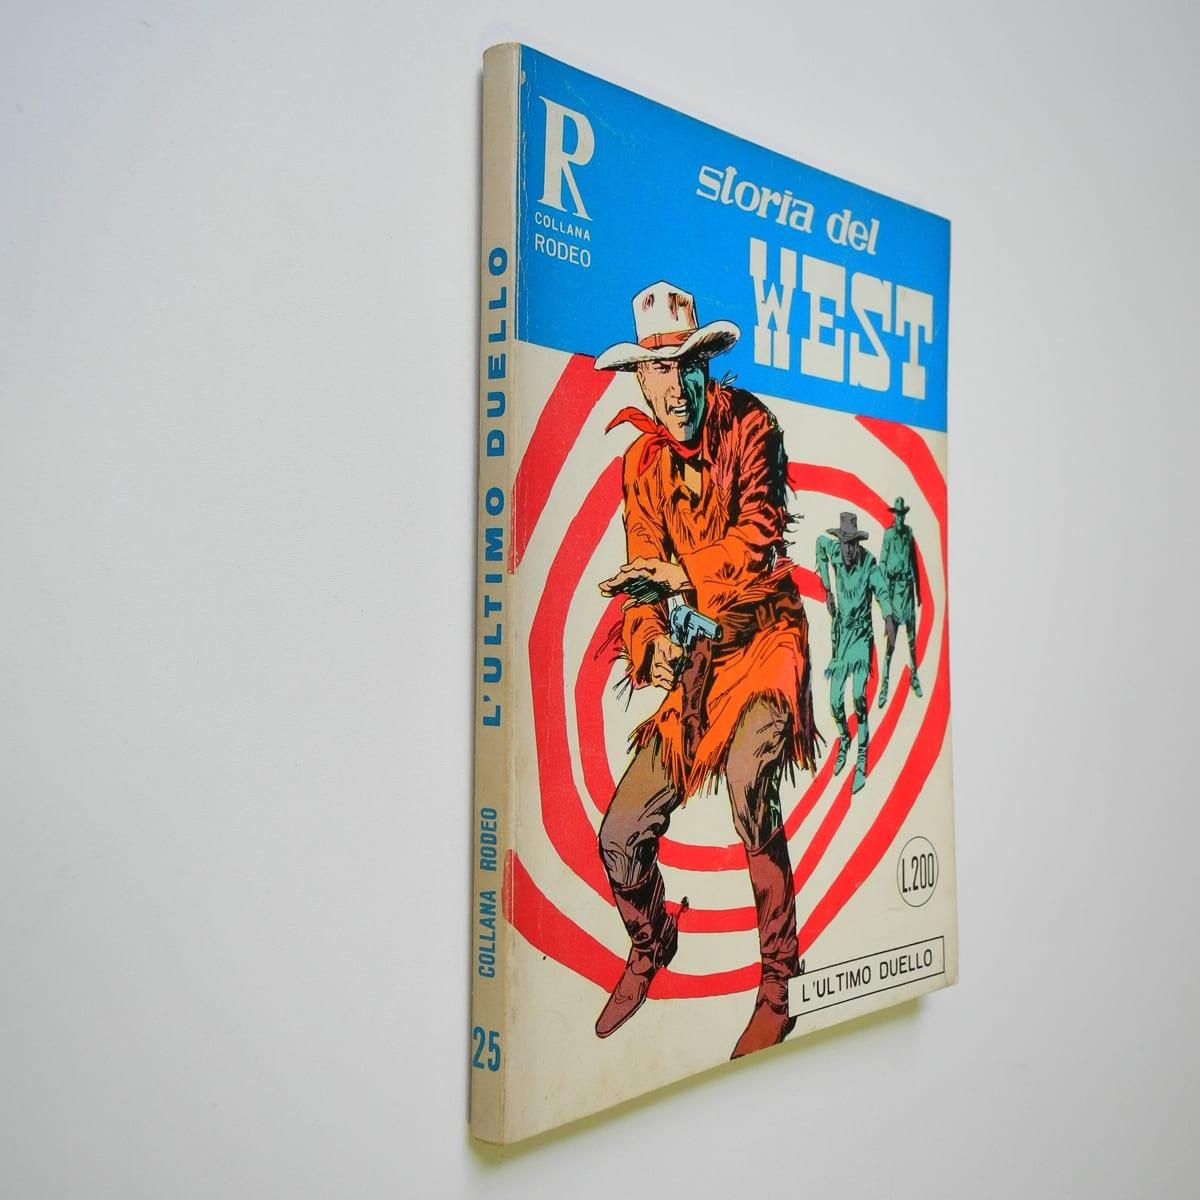 Collana Rodeo n. 25 Storia del West (2) Cepim